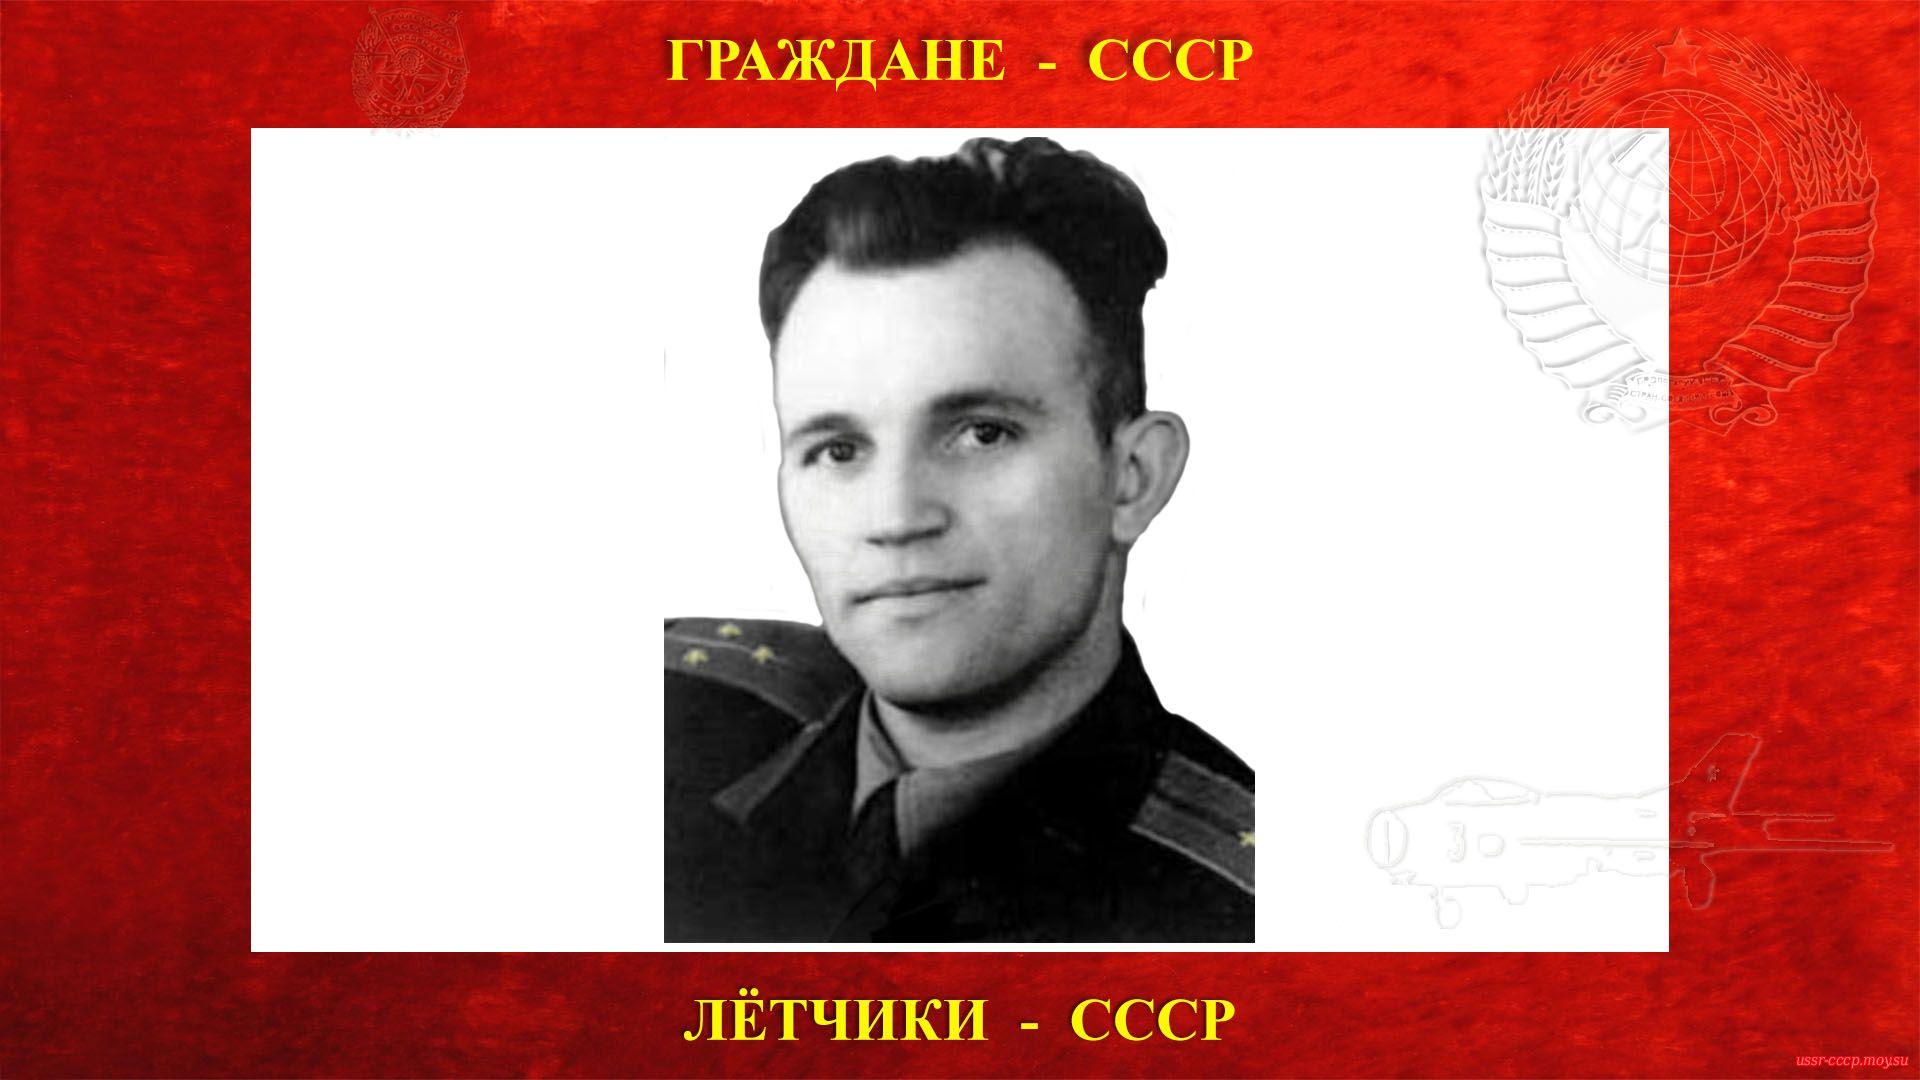 Сафронов Сергей Иванович — Советский лётчик-истребитель ВВС СССР